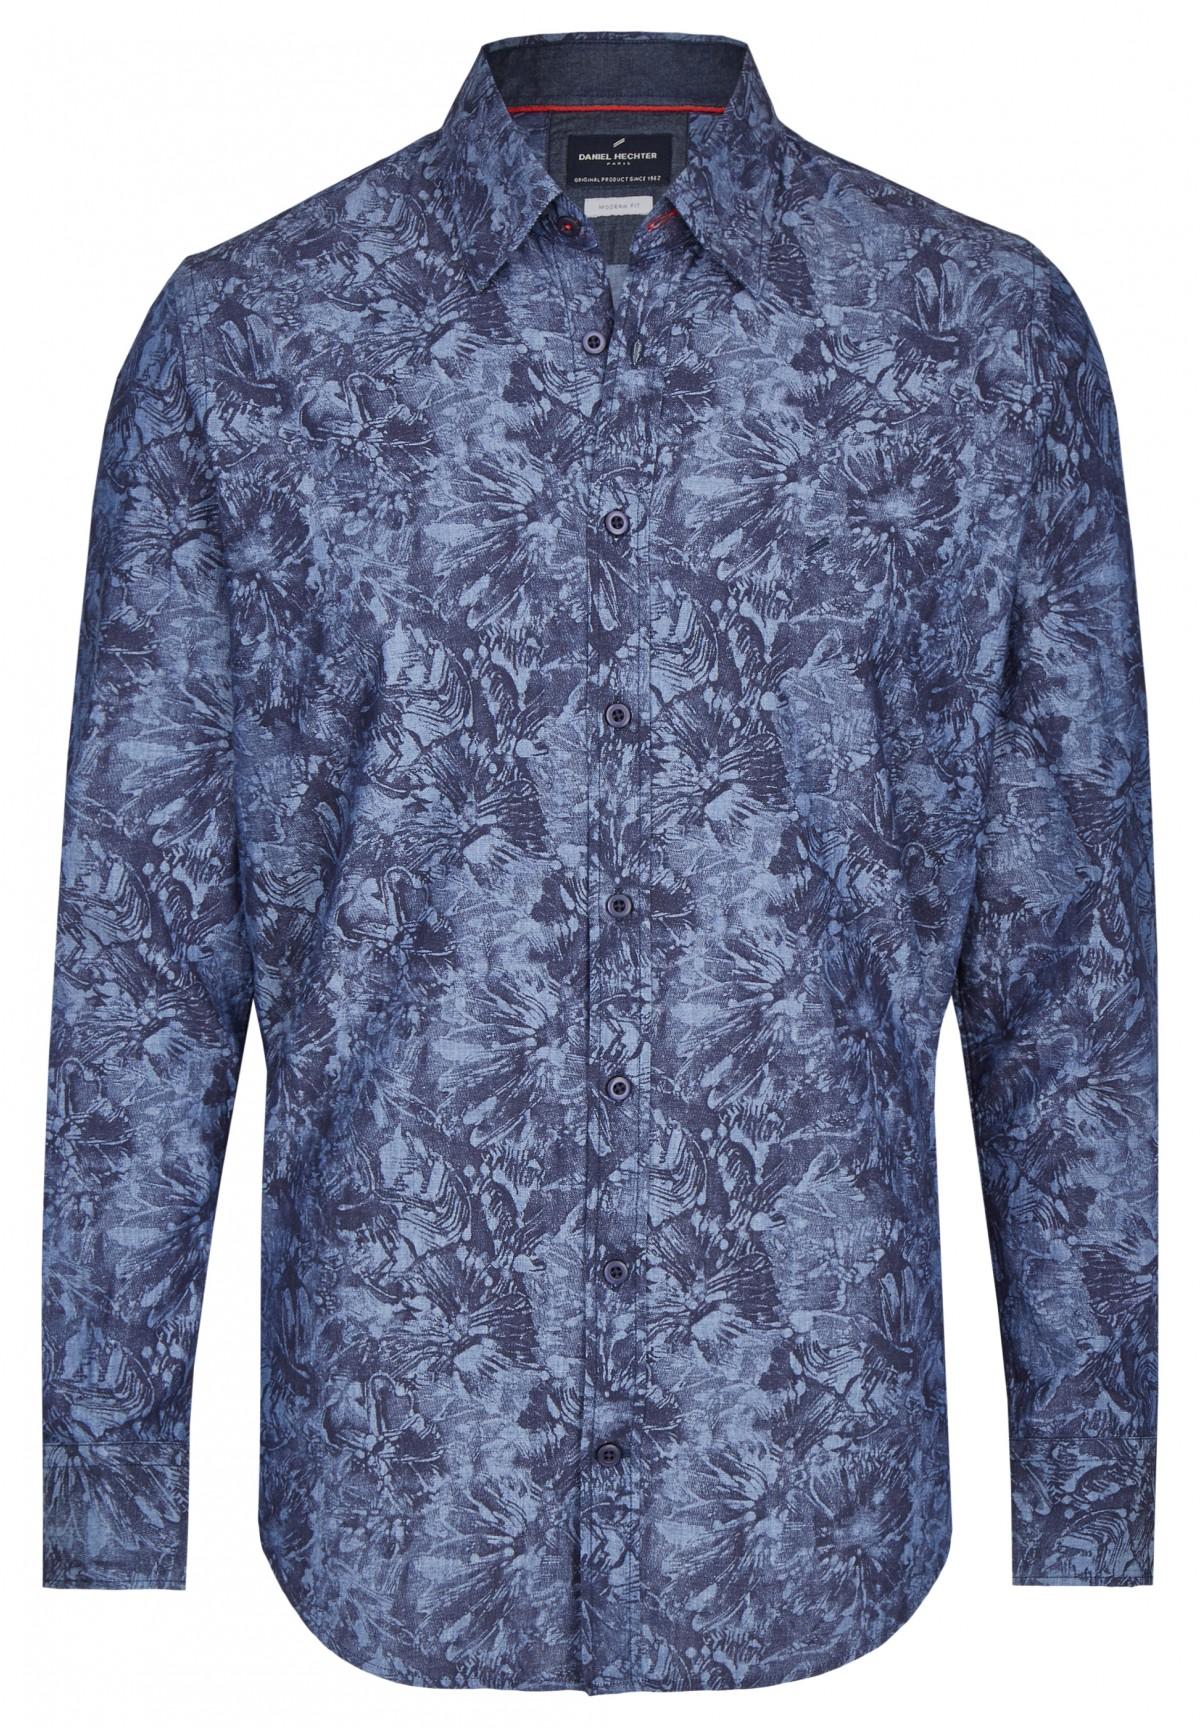 Freizeithemd mit floralem Muster / Freizeithemd mit floralem Muster